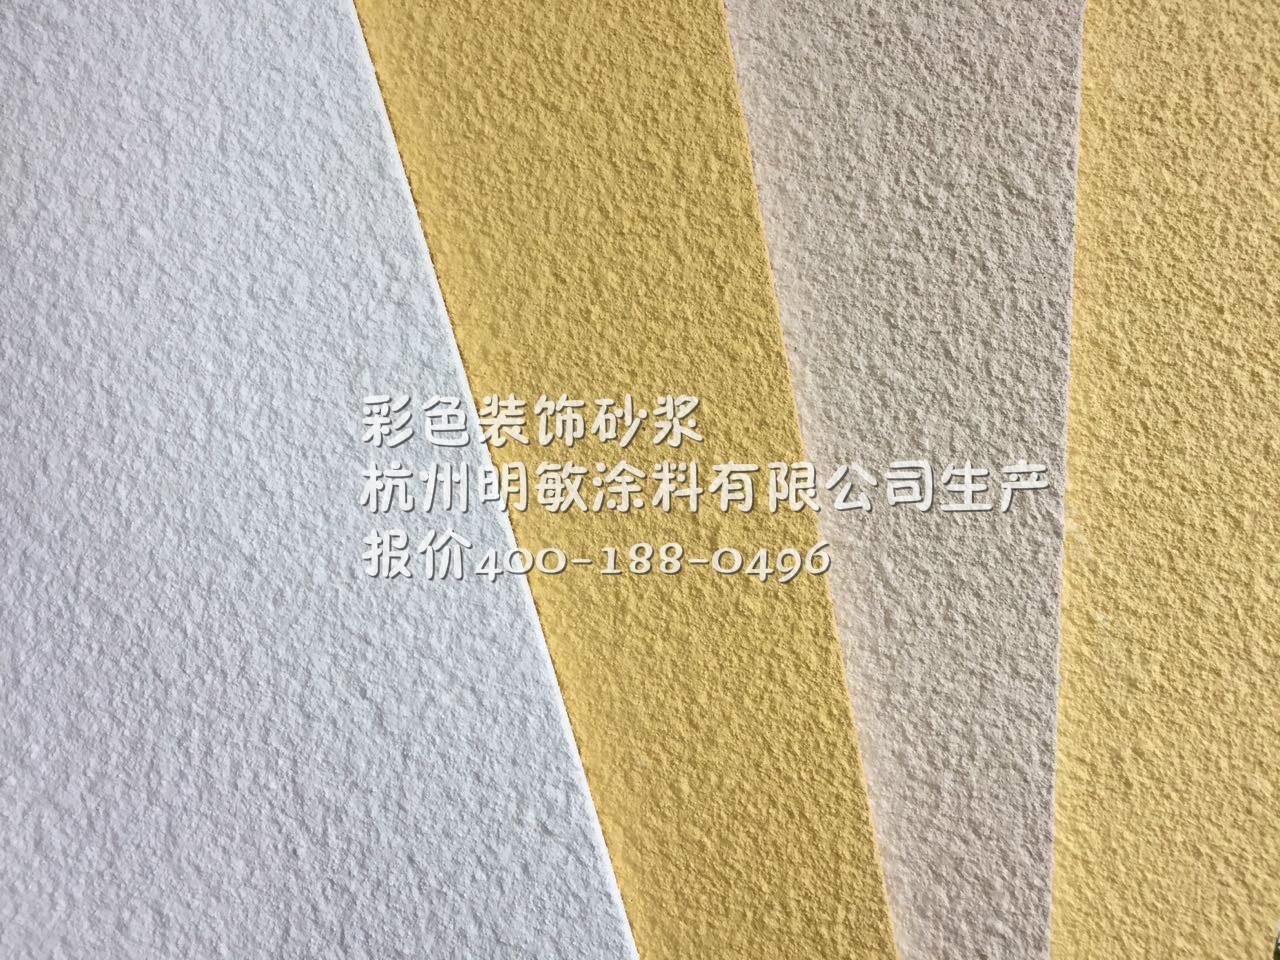 彩色装饰砂浆